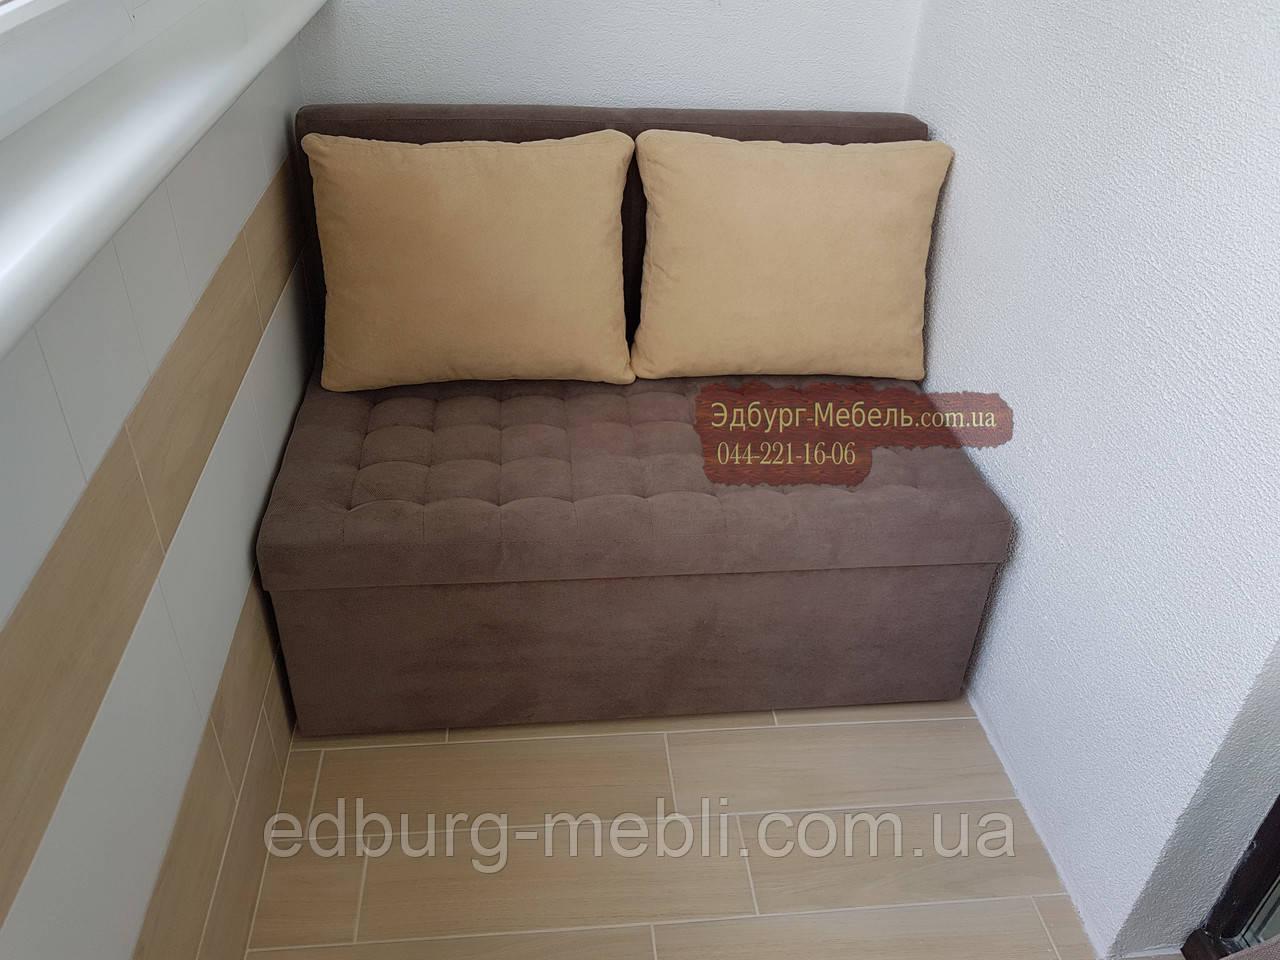 Диван для кухни, коридора, лоджии со спальным местом